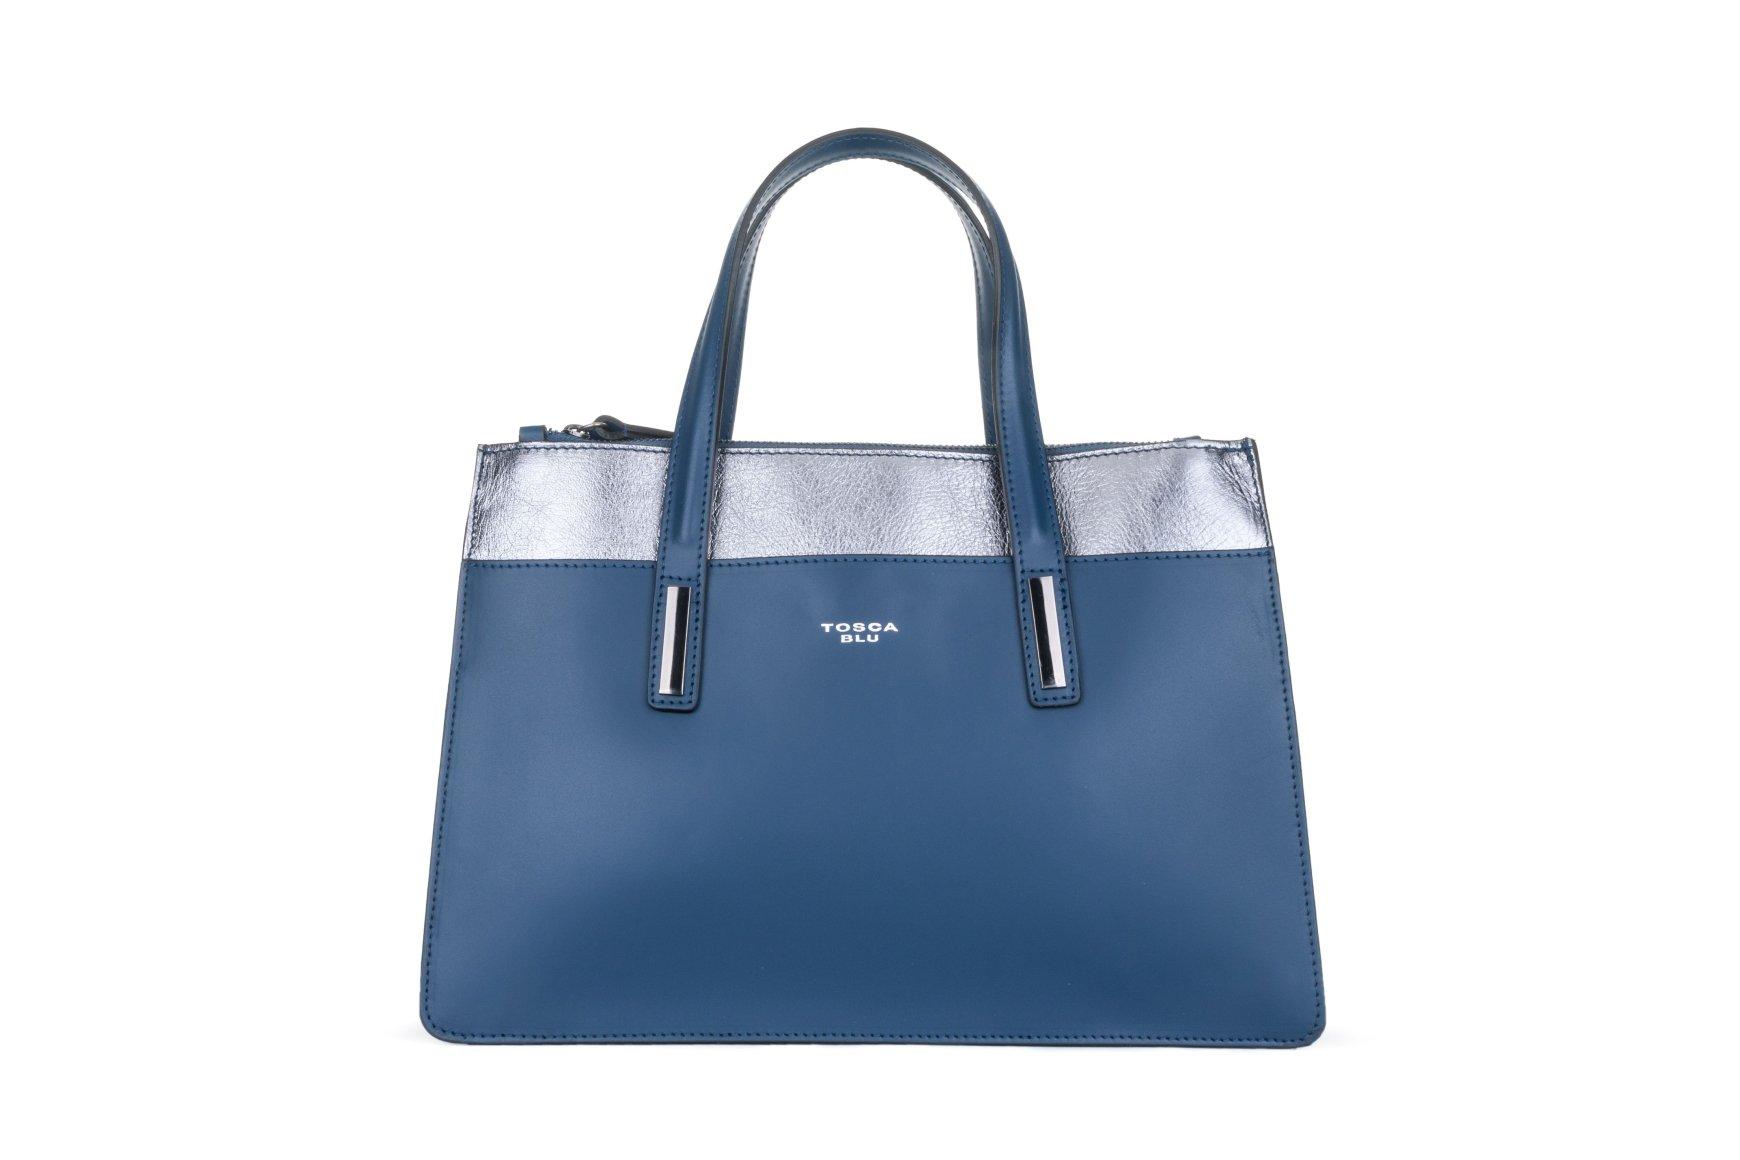 d31e9a965b7c Купить сумку из натуральной кожи TOSCA BLU Украина - Estro